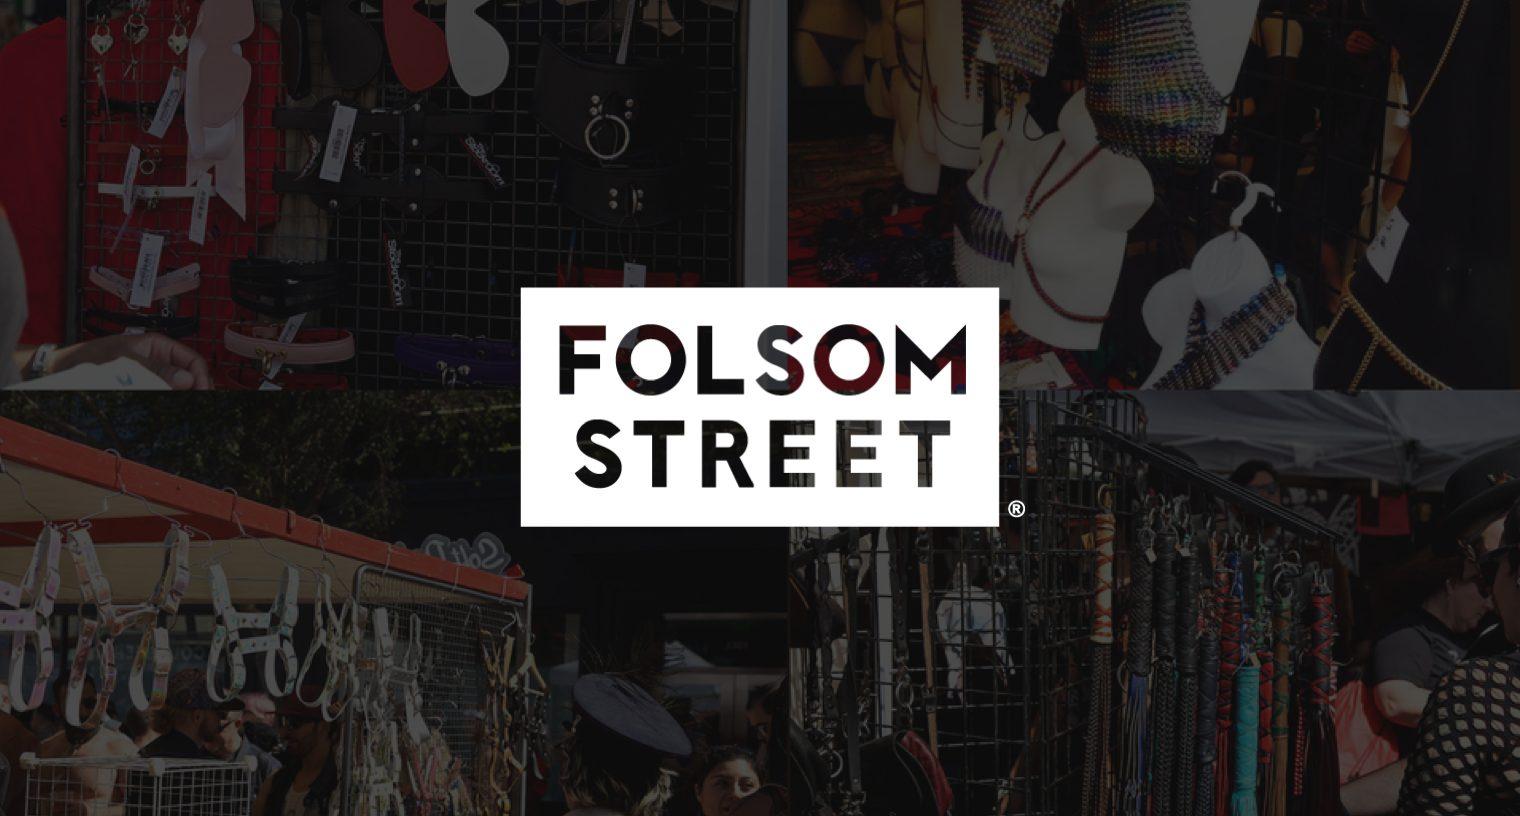 Folsom Street Market